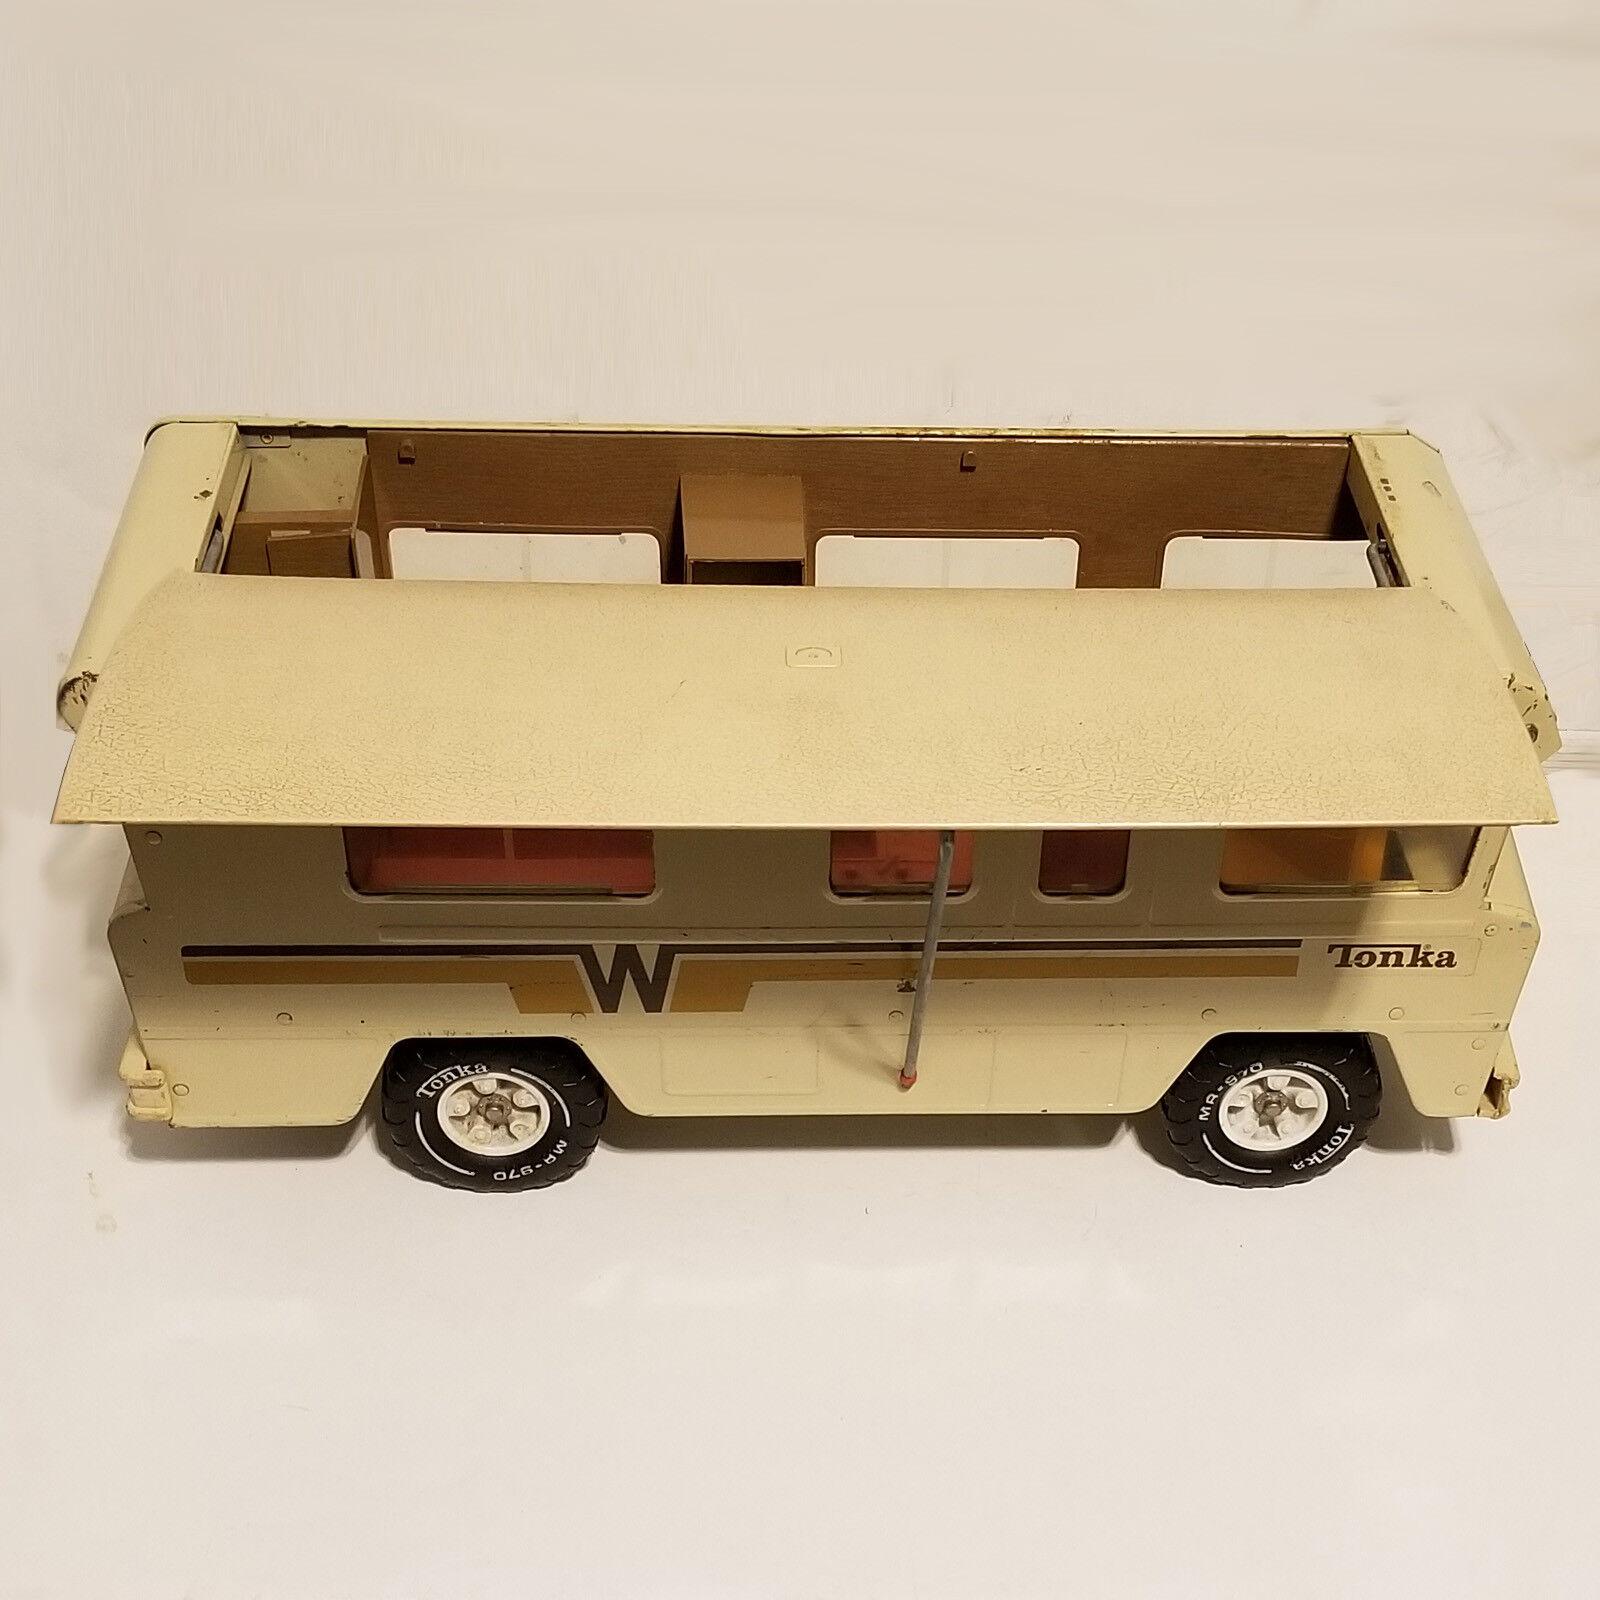 gran descuento Vintage Vintage Vintage década de 1970 Tonka Winnebago indio Camper RV 3885 1973 Acero Prensado Juguete rl  tienda de ventas outlet